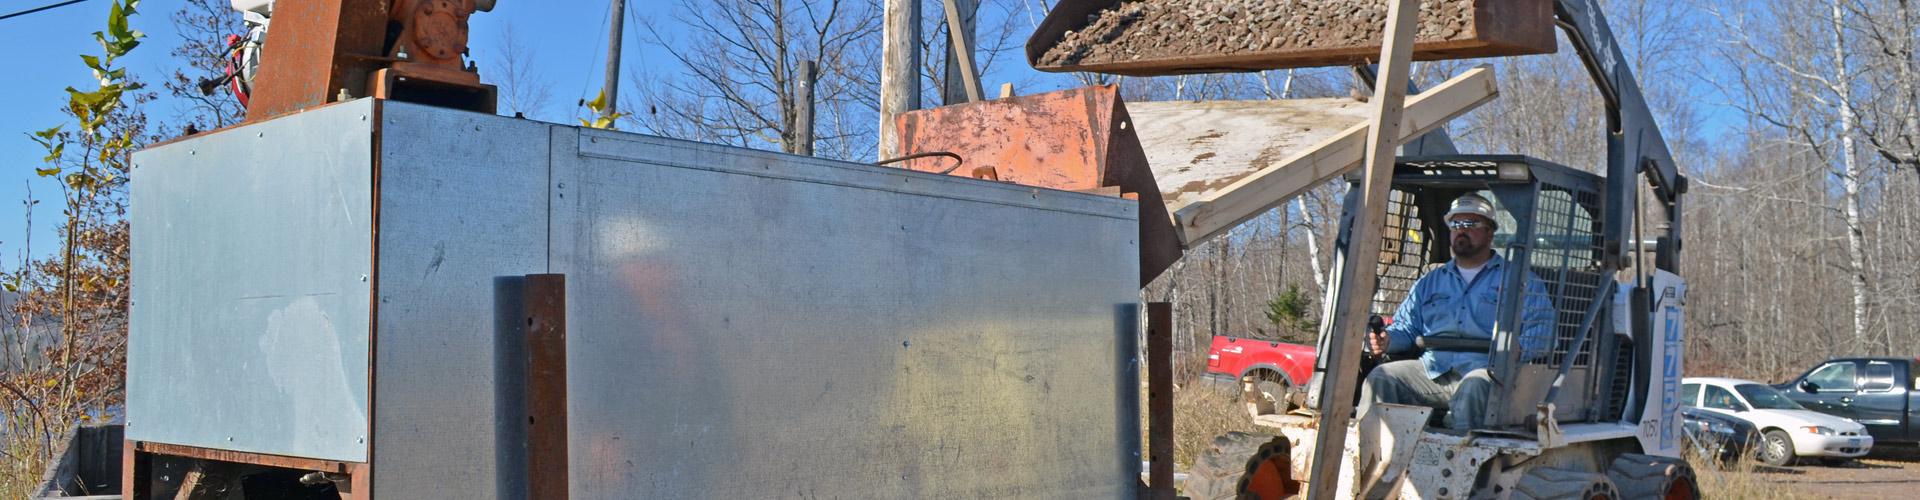 preplaced aggregate concrete, bridge pier repairs, pier repairs, abutment repairs, underwater concrete repairs